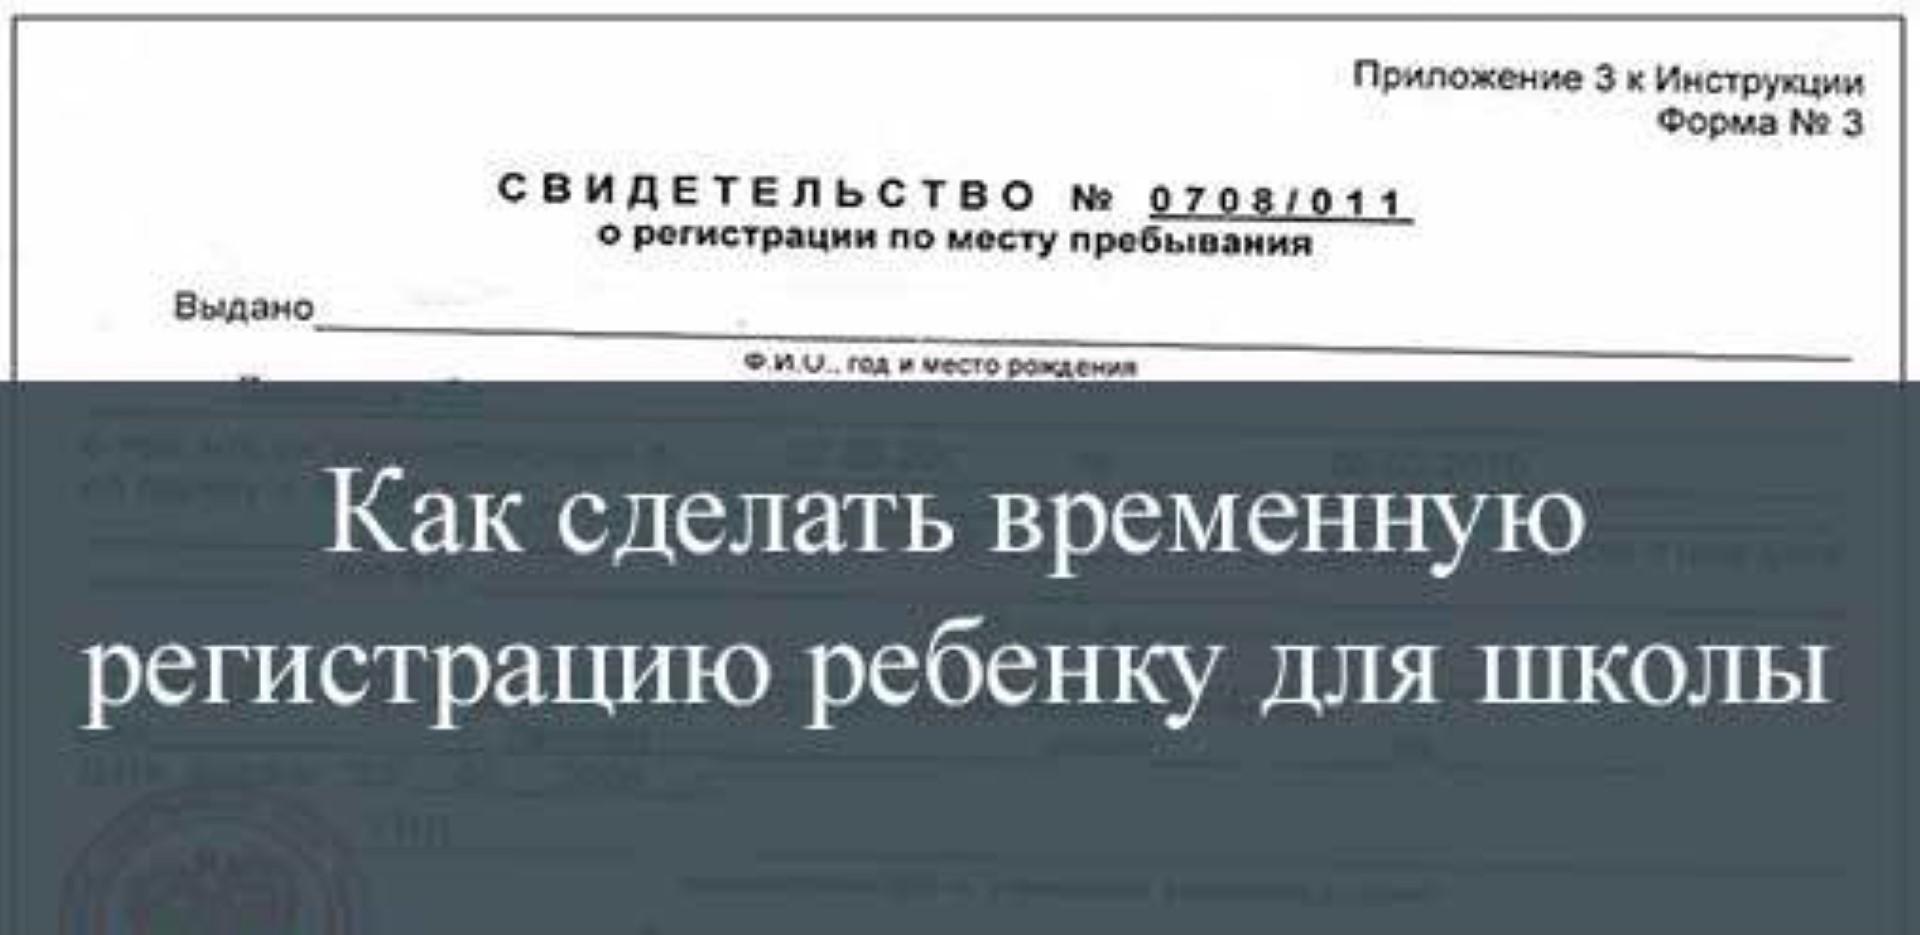 Нужна ли временная регистрация для ребенка для школы социальная карта по временной регистрации в московской области